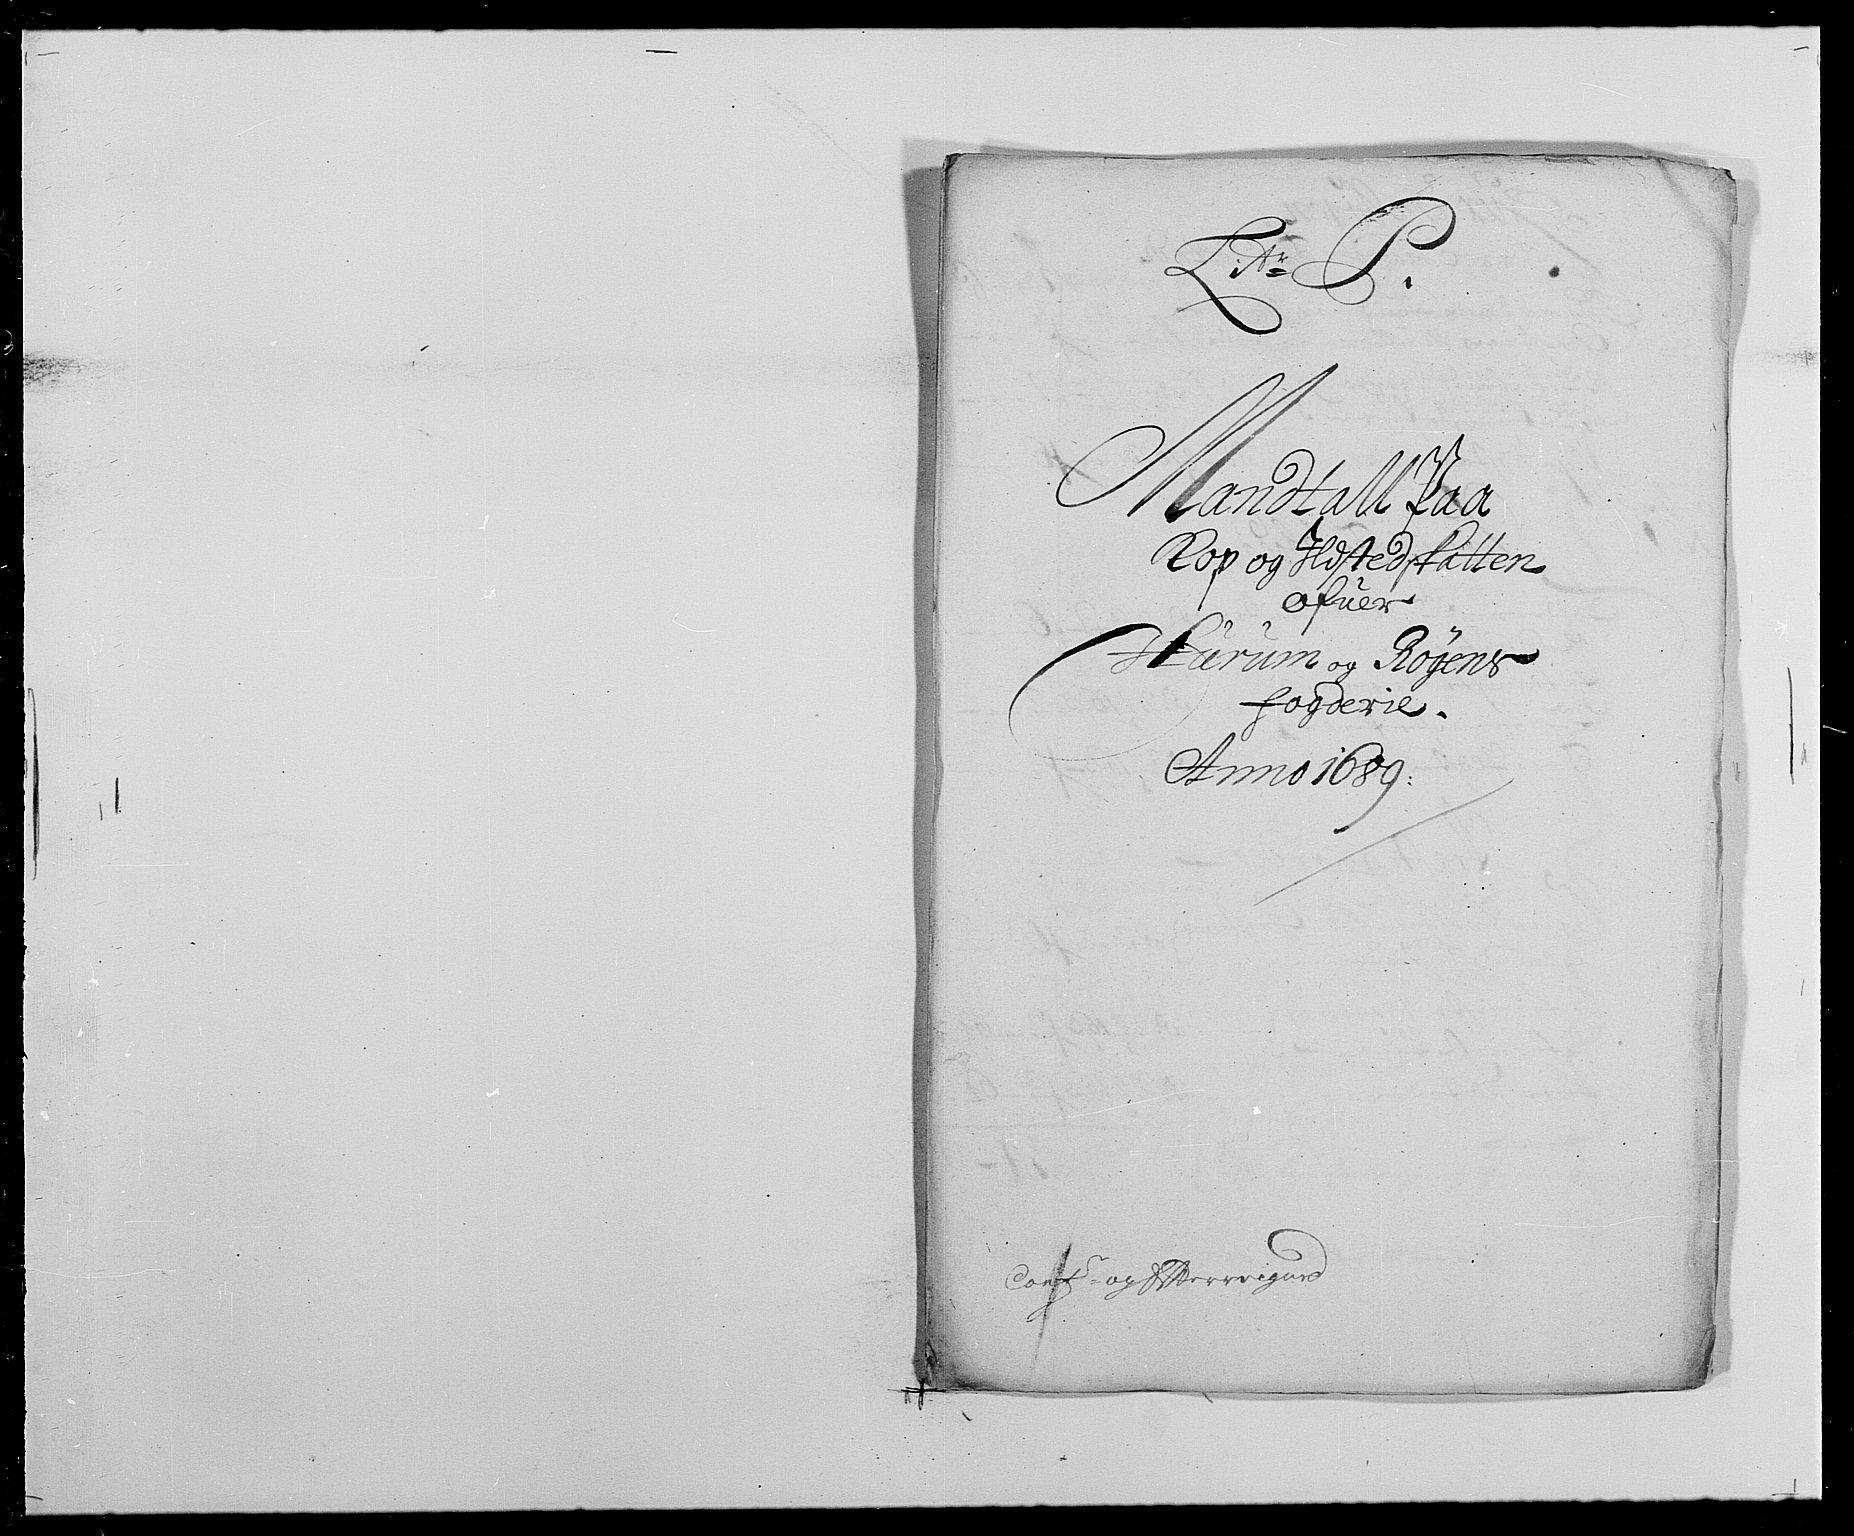 RA, Rentekammeret inntil 1814, Reviderte regnskaper, Fogderegnskap, R29/L1693: Fogderegnskap Hurum og Røyken, 1688-1693, s. 131